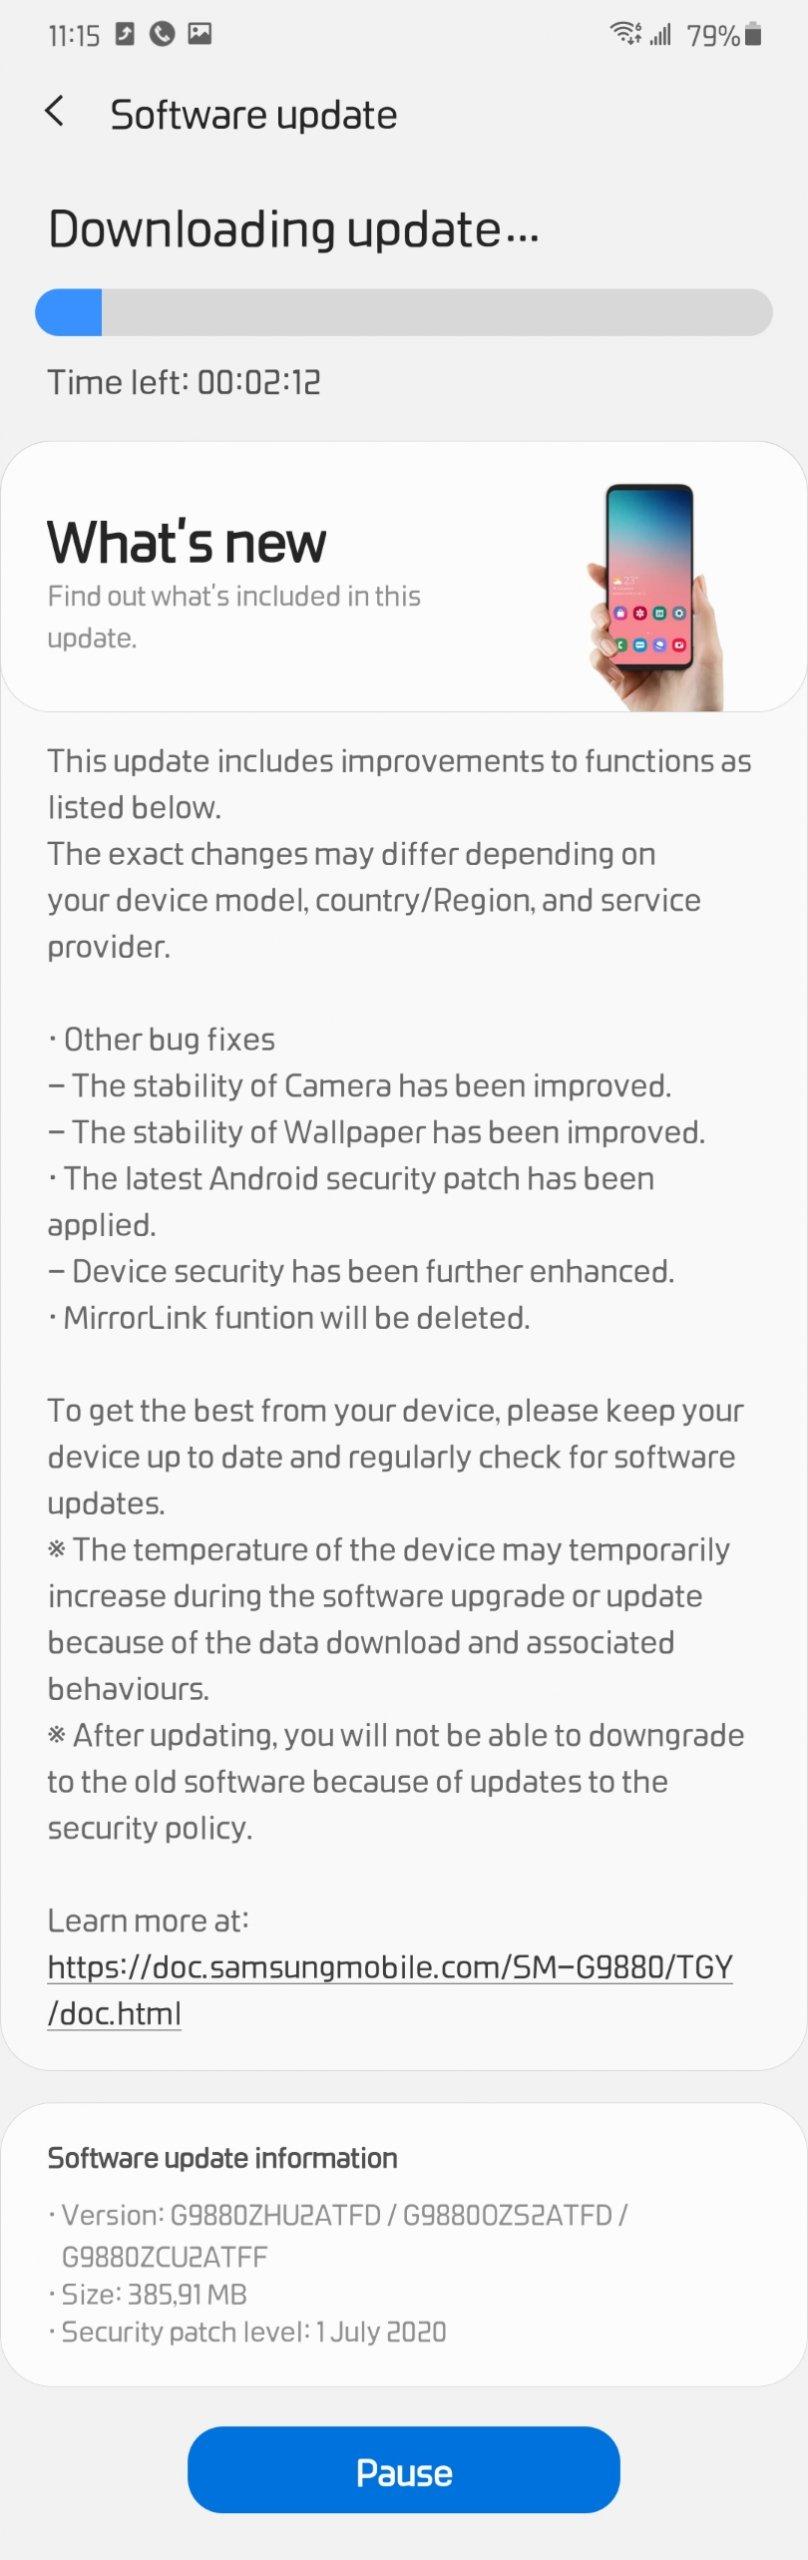 Screenshot_20200703-111514_Software update.jpg